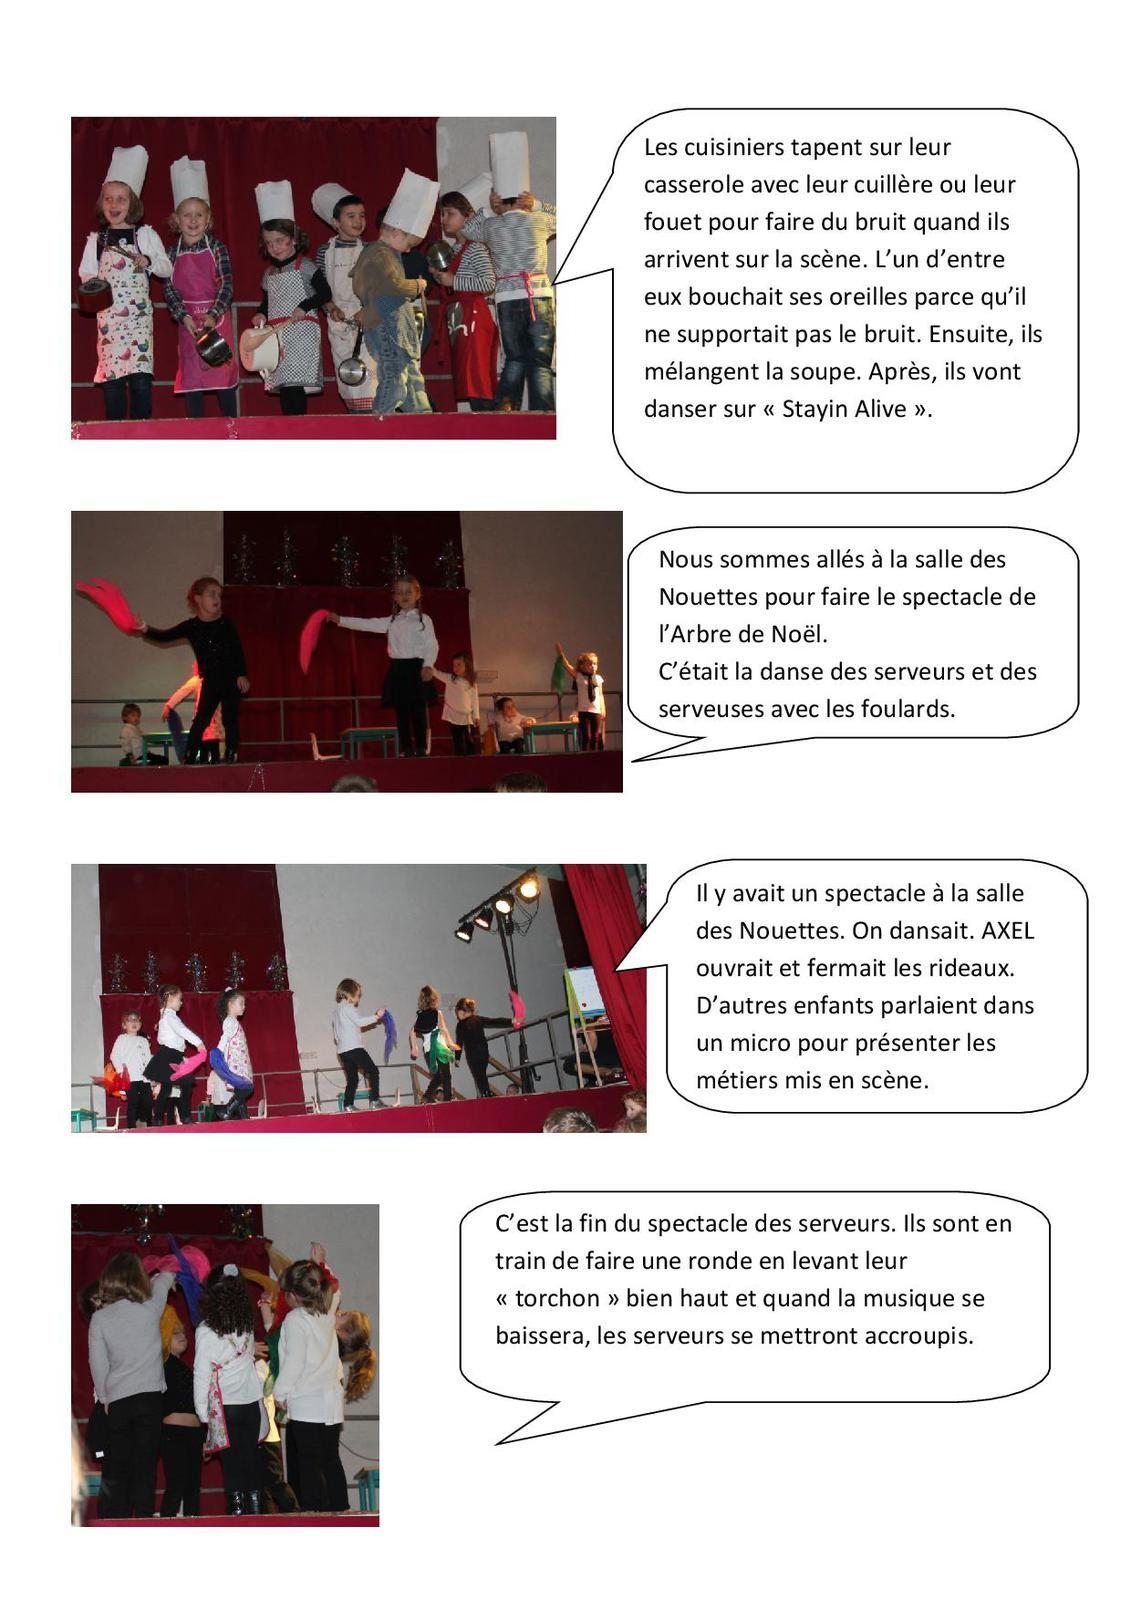 L'Arbre de Noël raconté par les élèves de maternelle de La Chapelle.